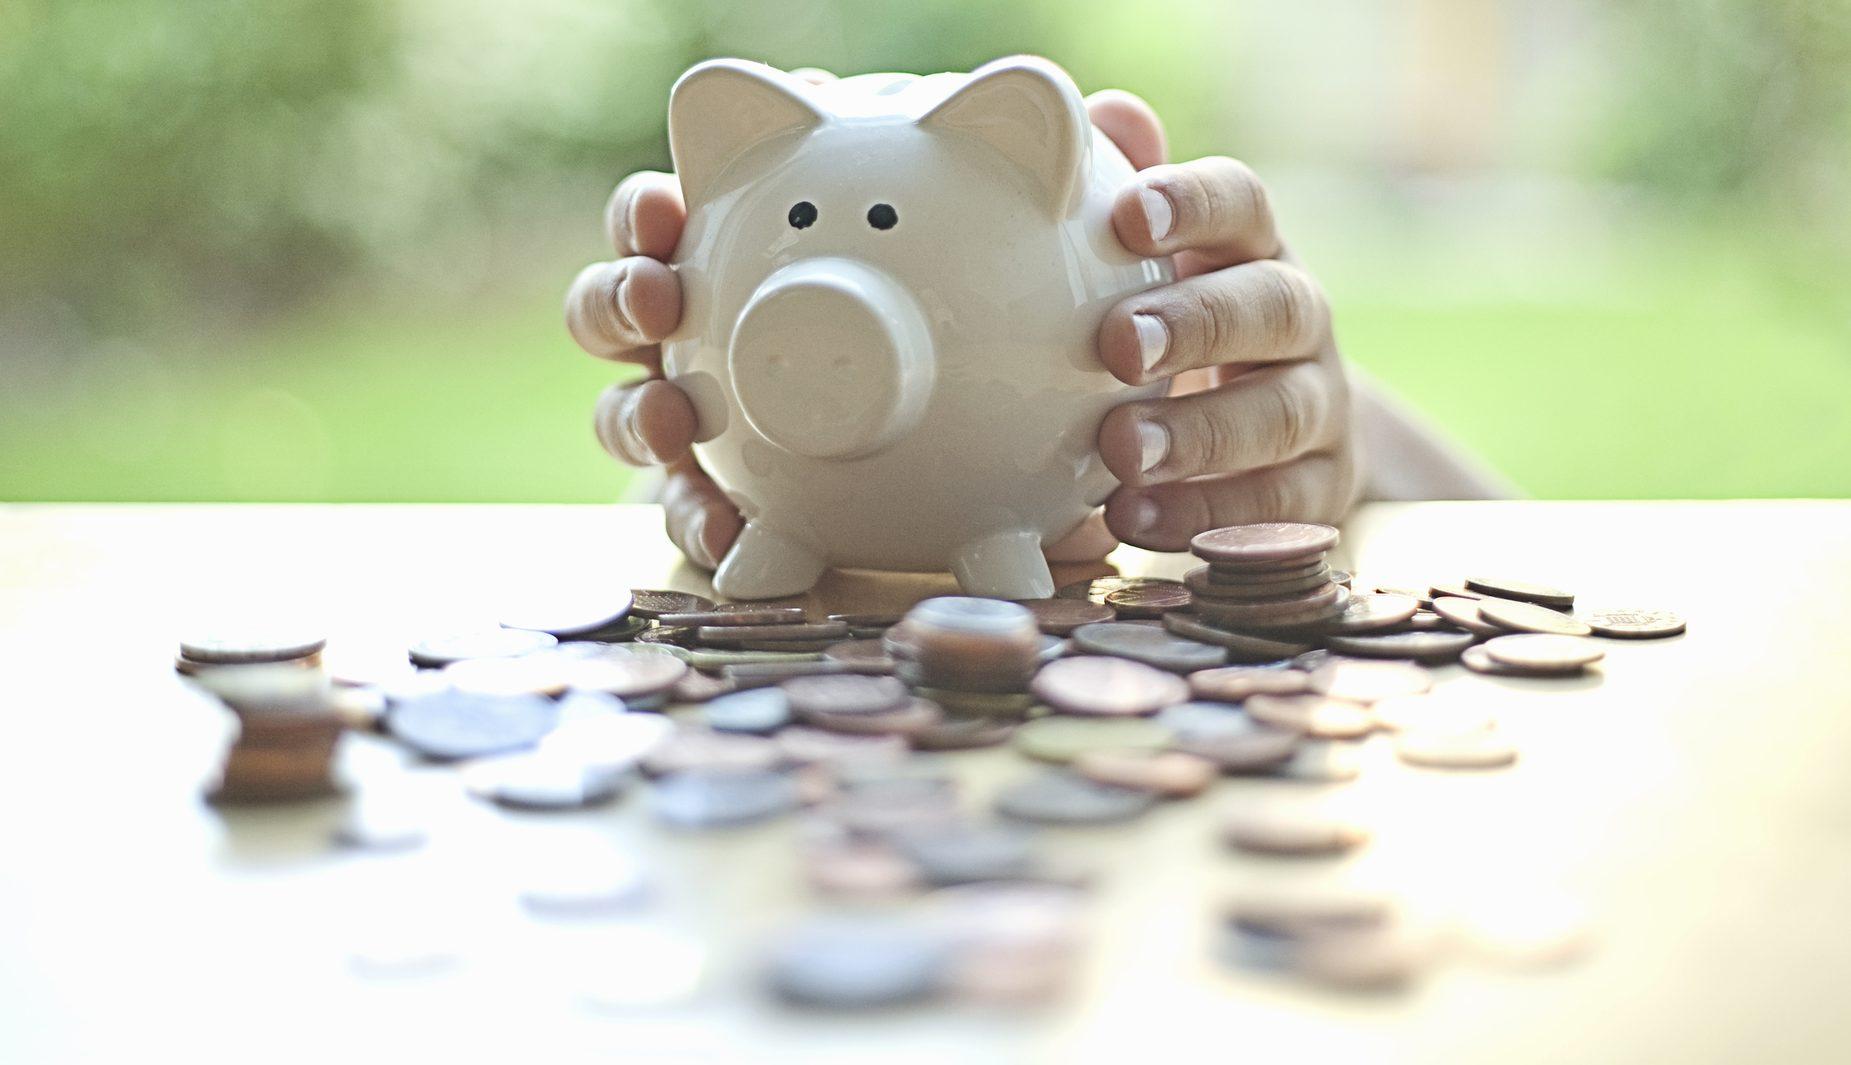 ¡Descuentos y ofertas! Conoce aplicaciones para ahorrar dinero en compras